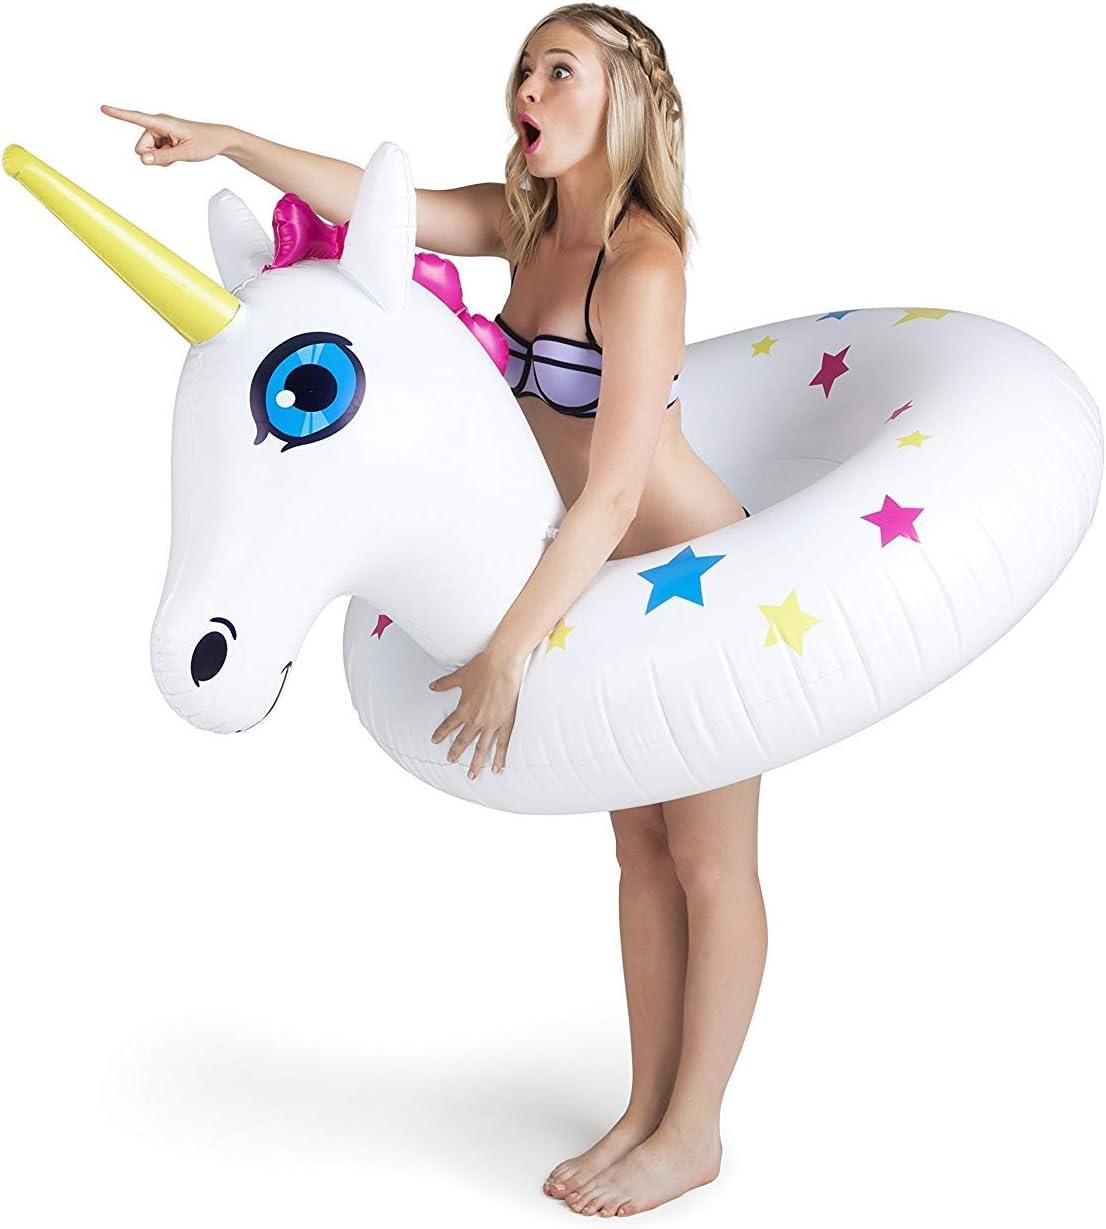 BigMouth Inc. Float Gigante de la Piscina del Unicornio: Amazon.es: Juguetes y juegos